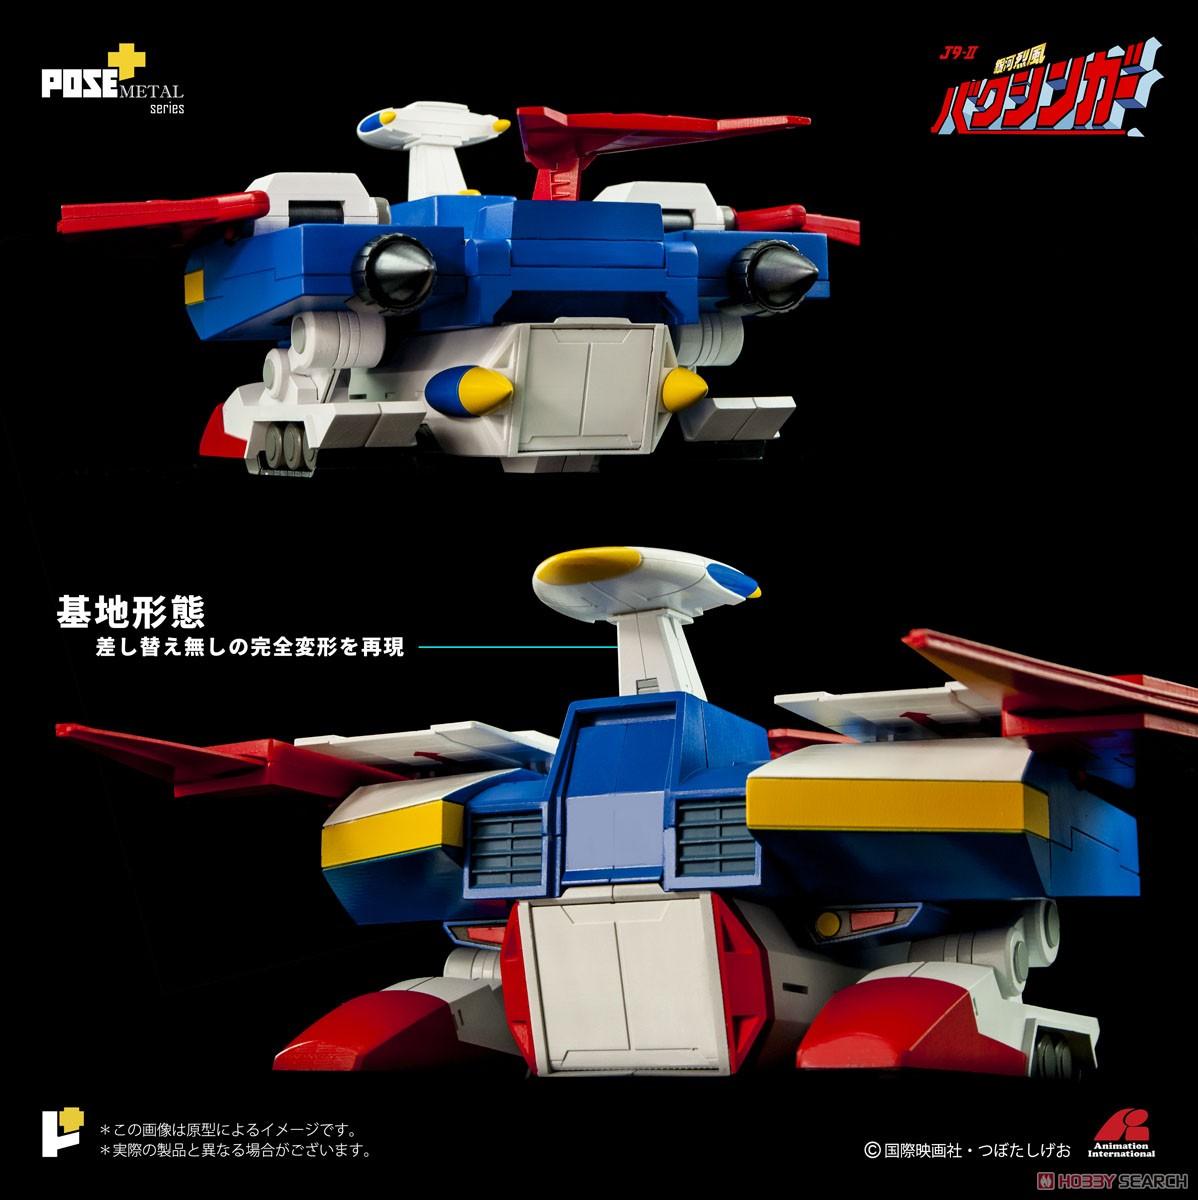 POSE+メタル『P+02B 移動基地バクシンバード』可変可動フィギュア-008